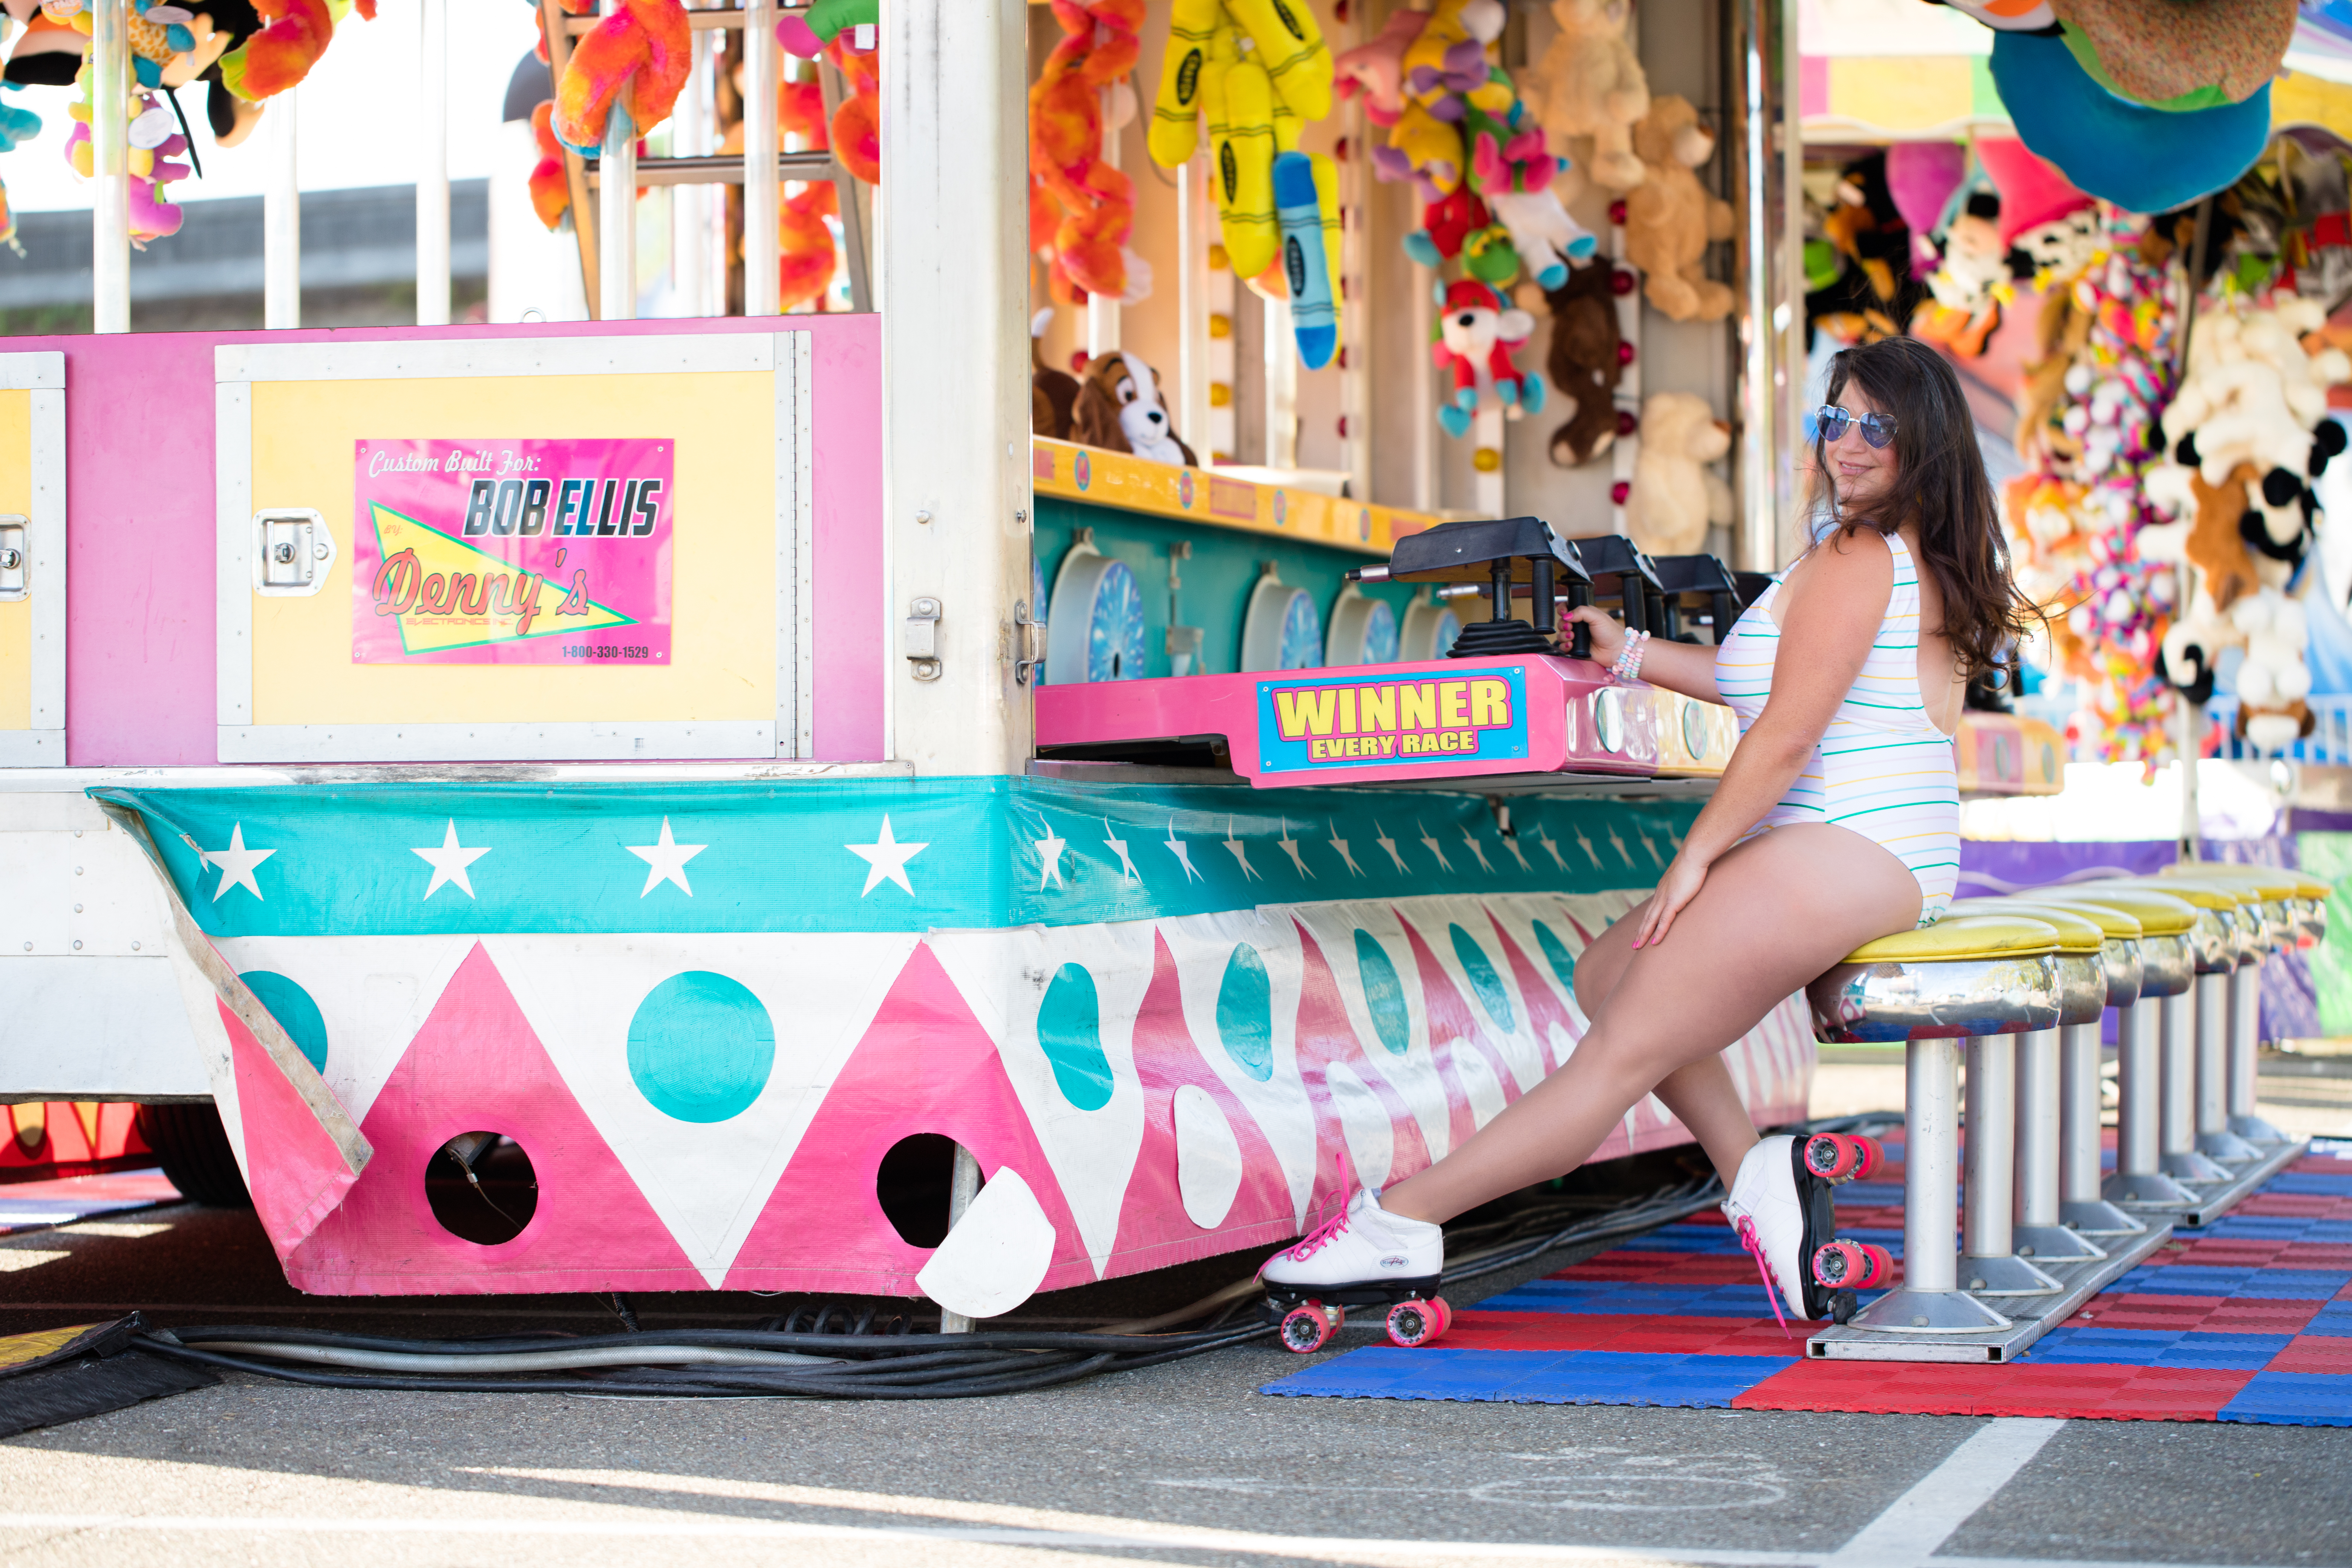 carnival 80's retro